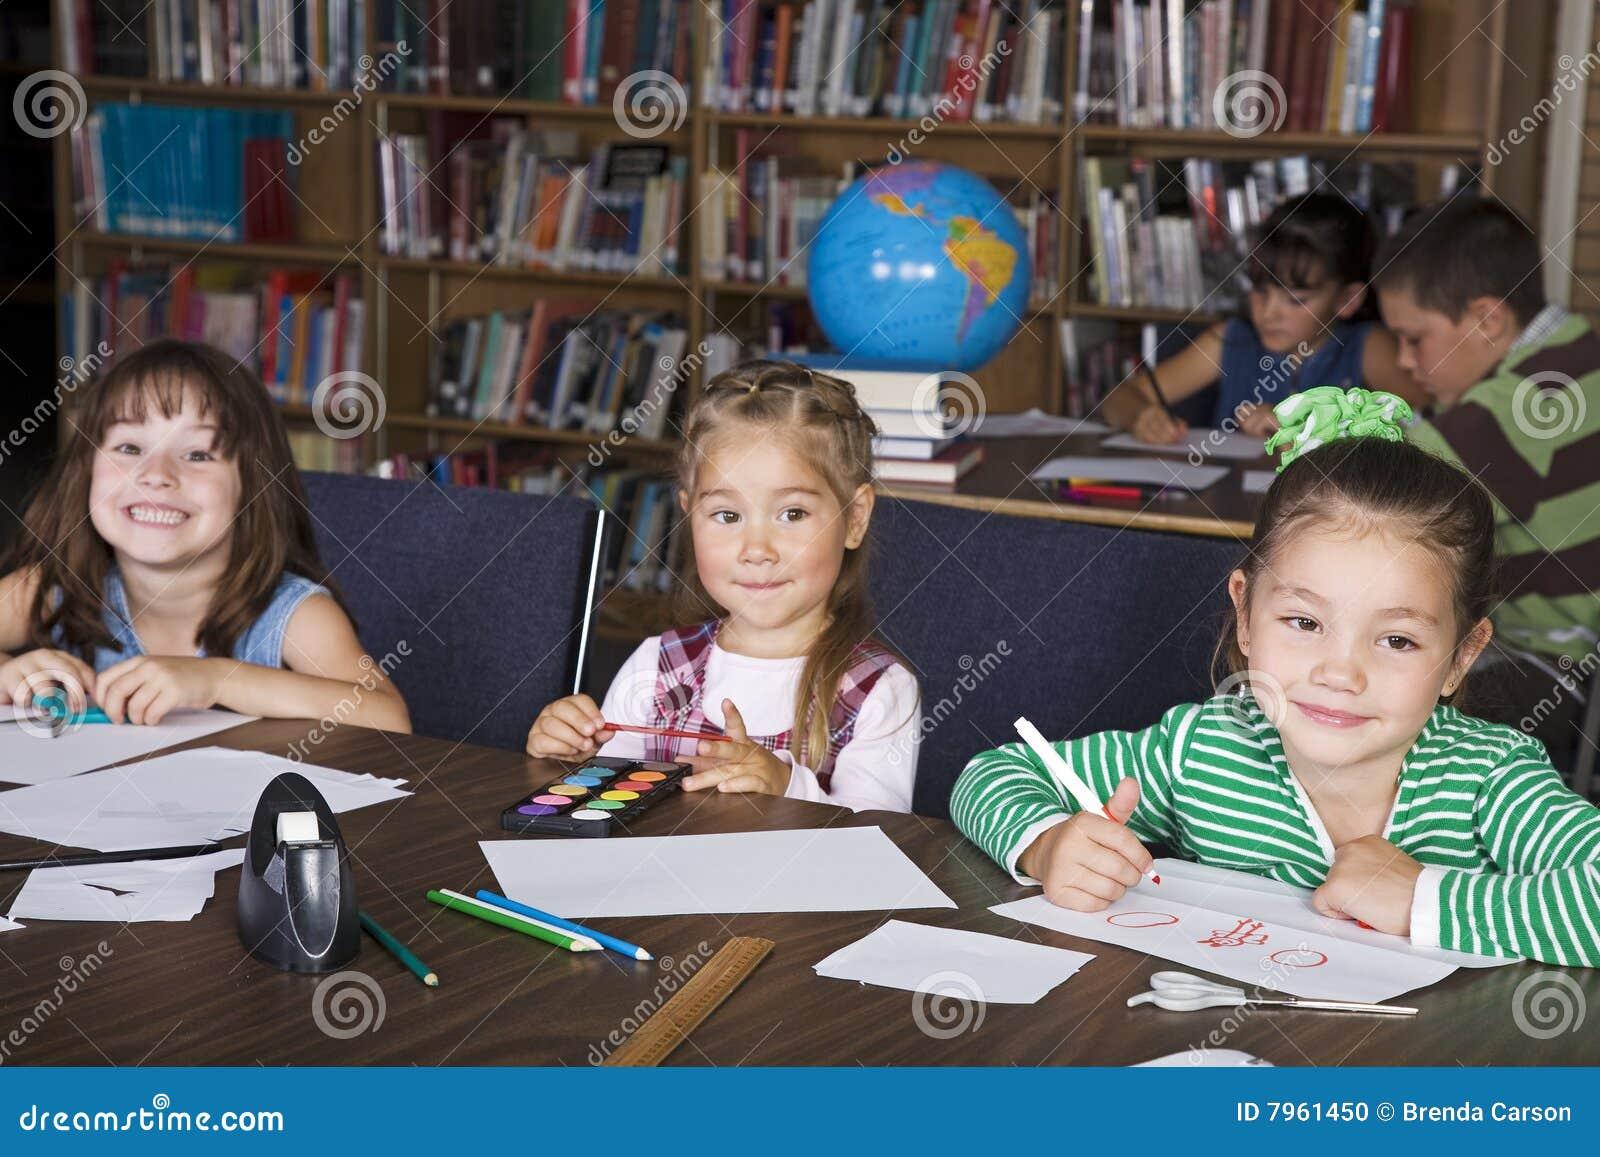 Kinder an der Schule